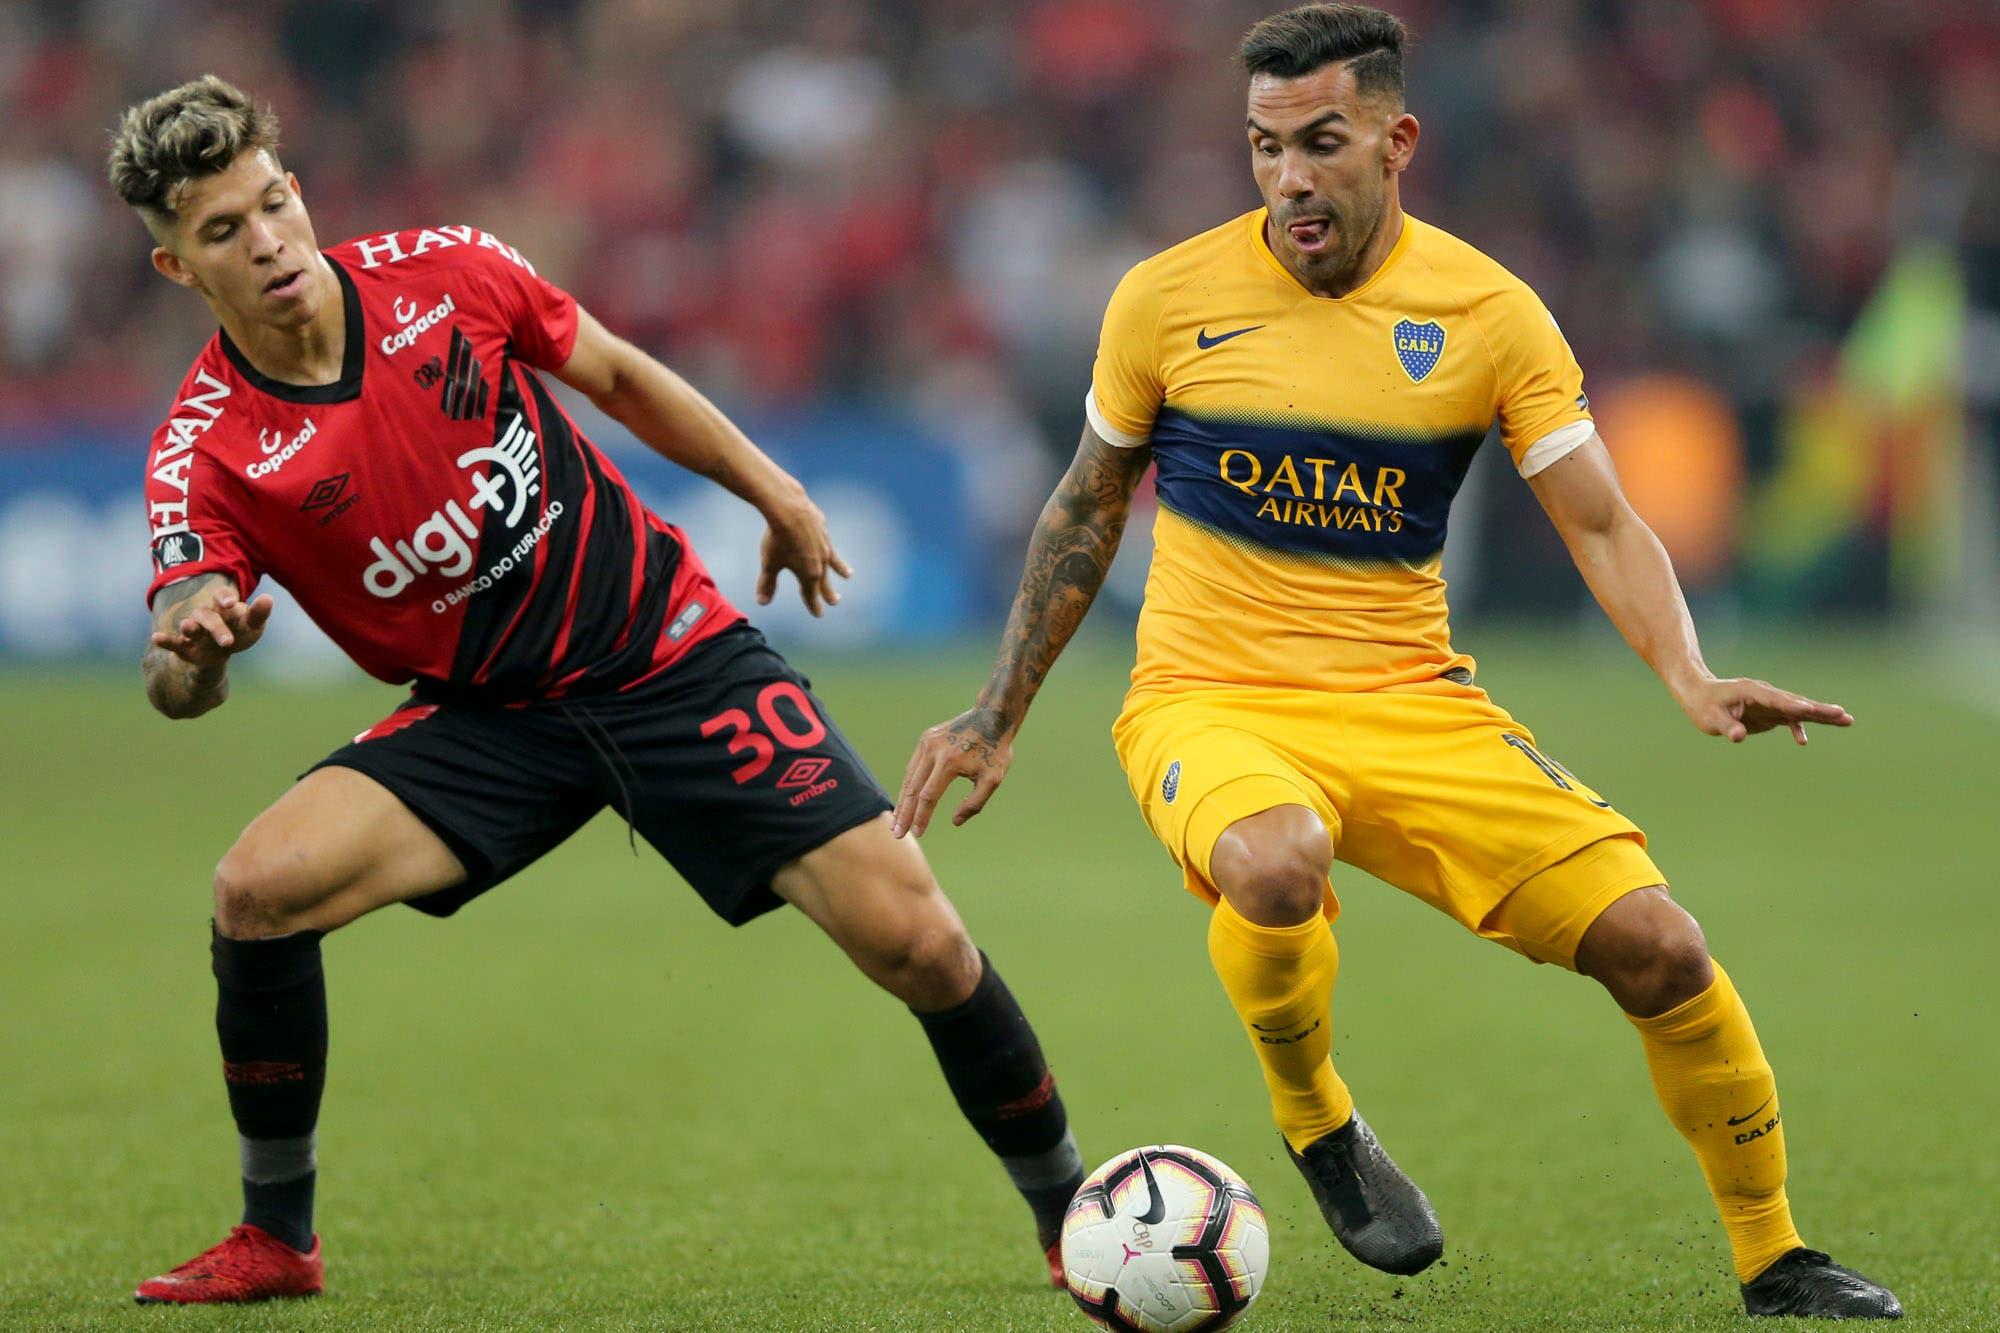 Boca-Paranaense, por la Copa Libertadores: el xeneize busca sellar la clasificación a cuartos